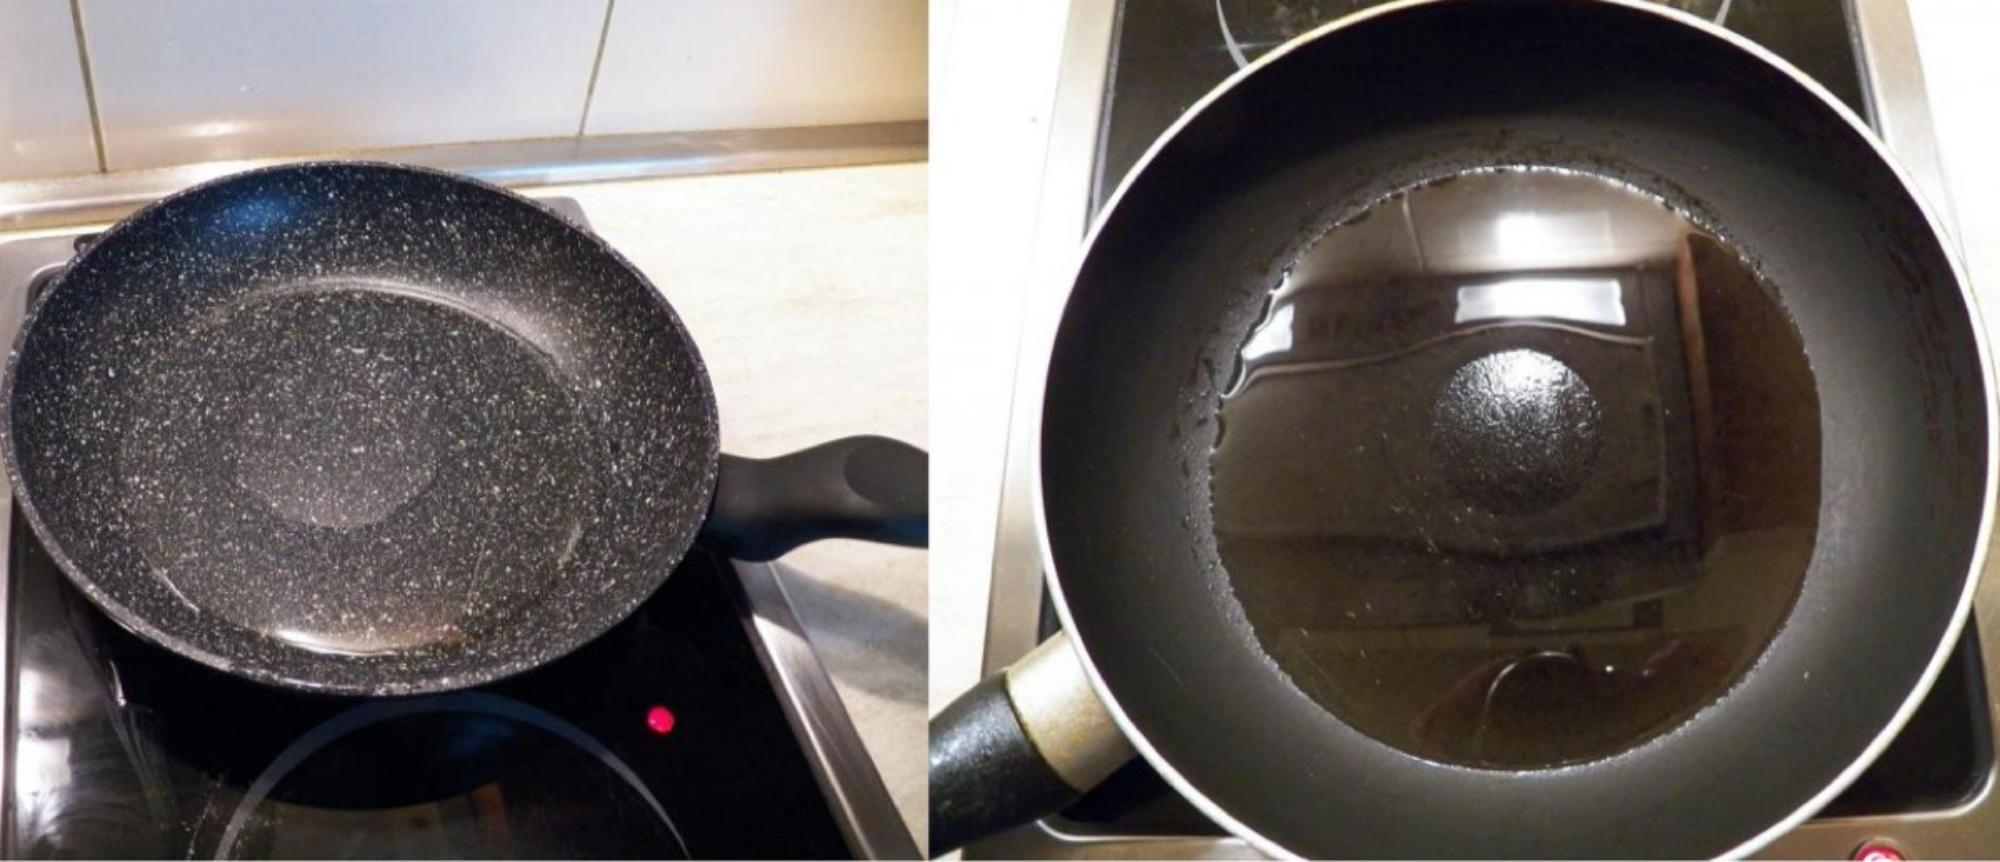 Tại sao đôi khi thức ăn vẫn bị dính vào đáy chảo chống dính? - 3